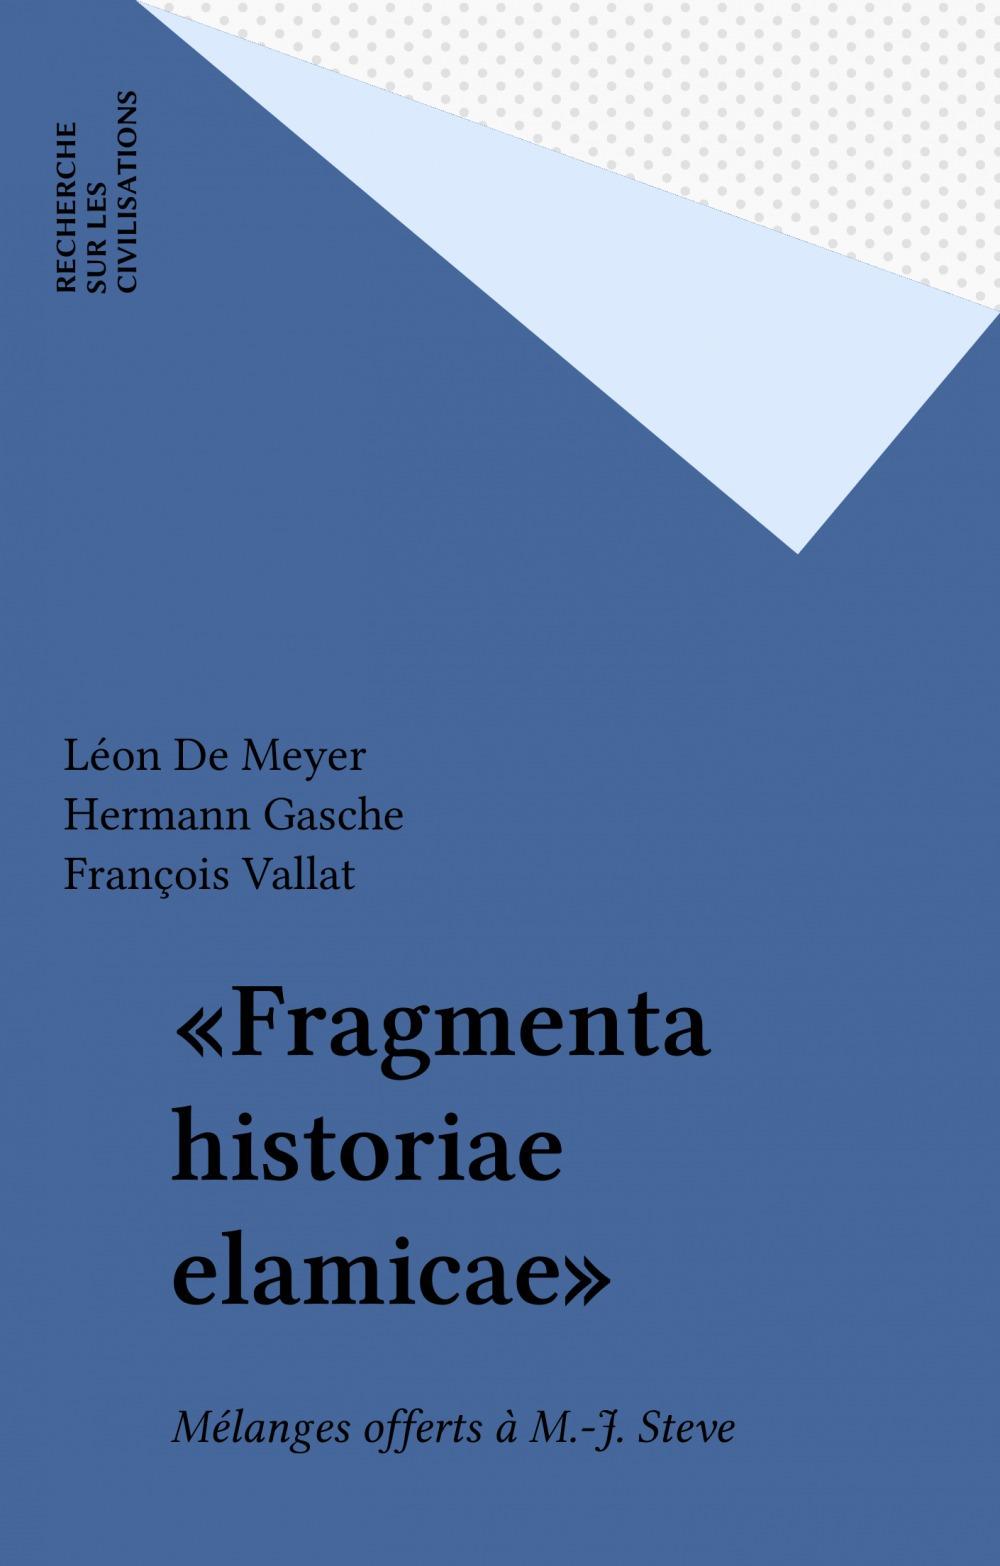 «Fragmenta historiae elamicae»